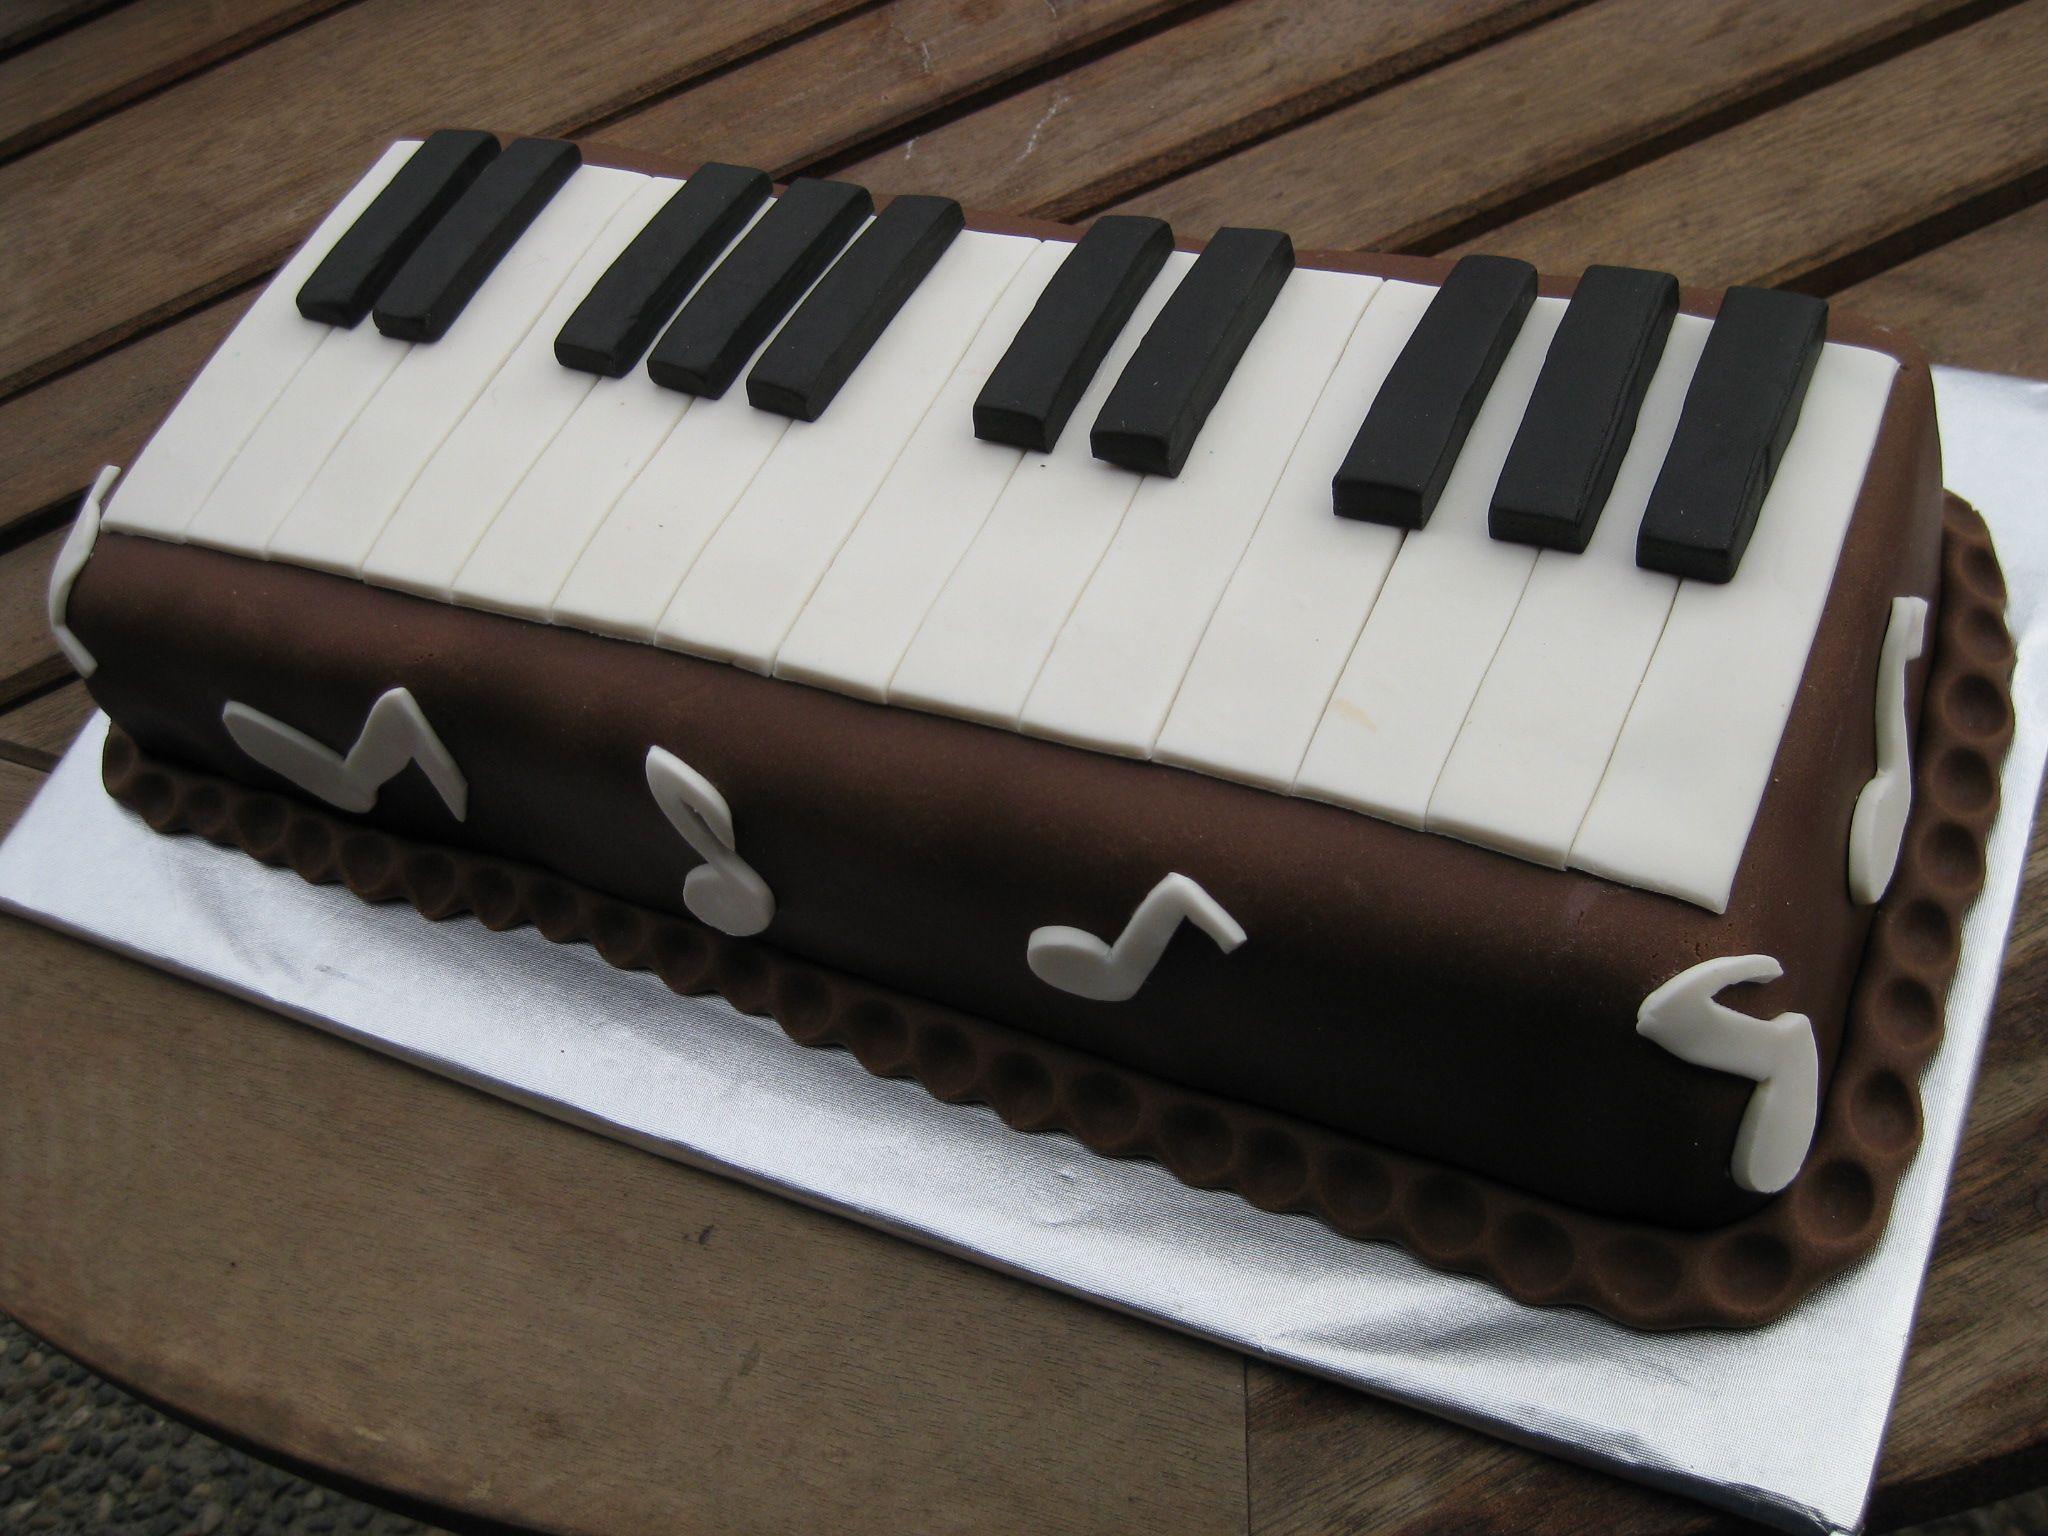 вас торт в виде рояля фото игры предельно простой